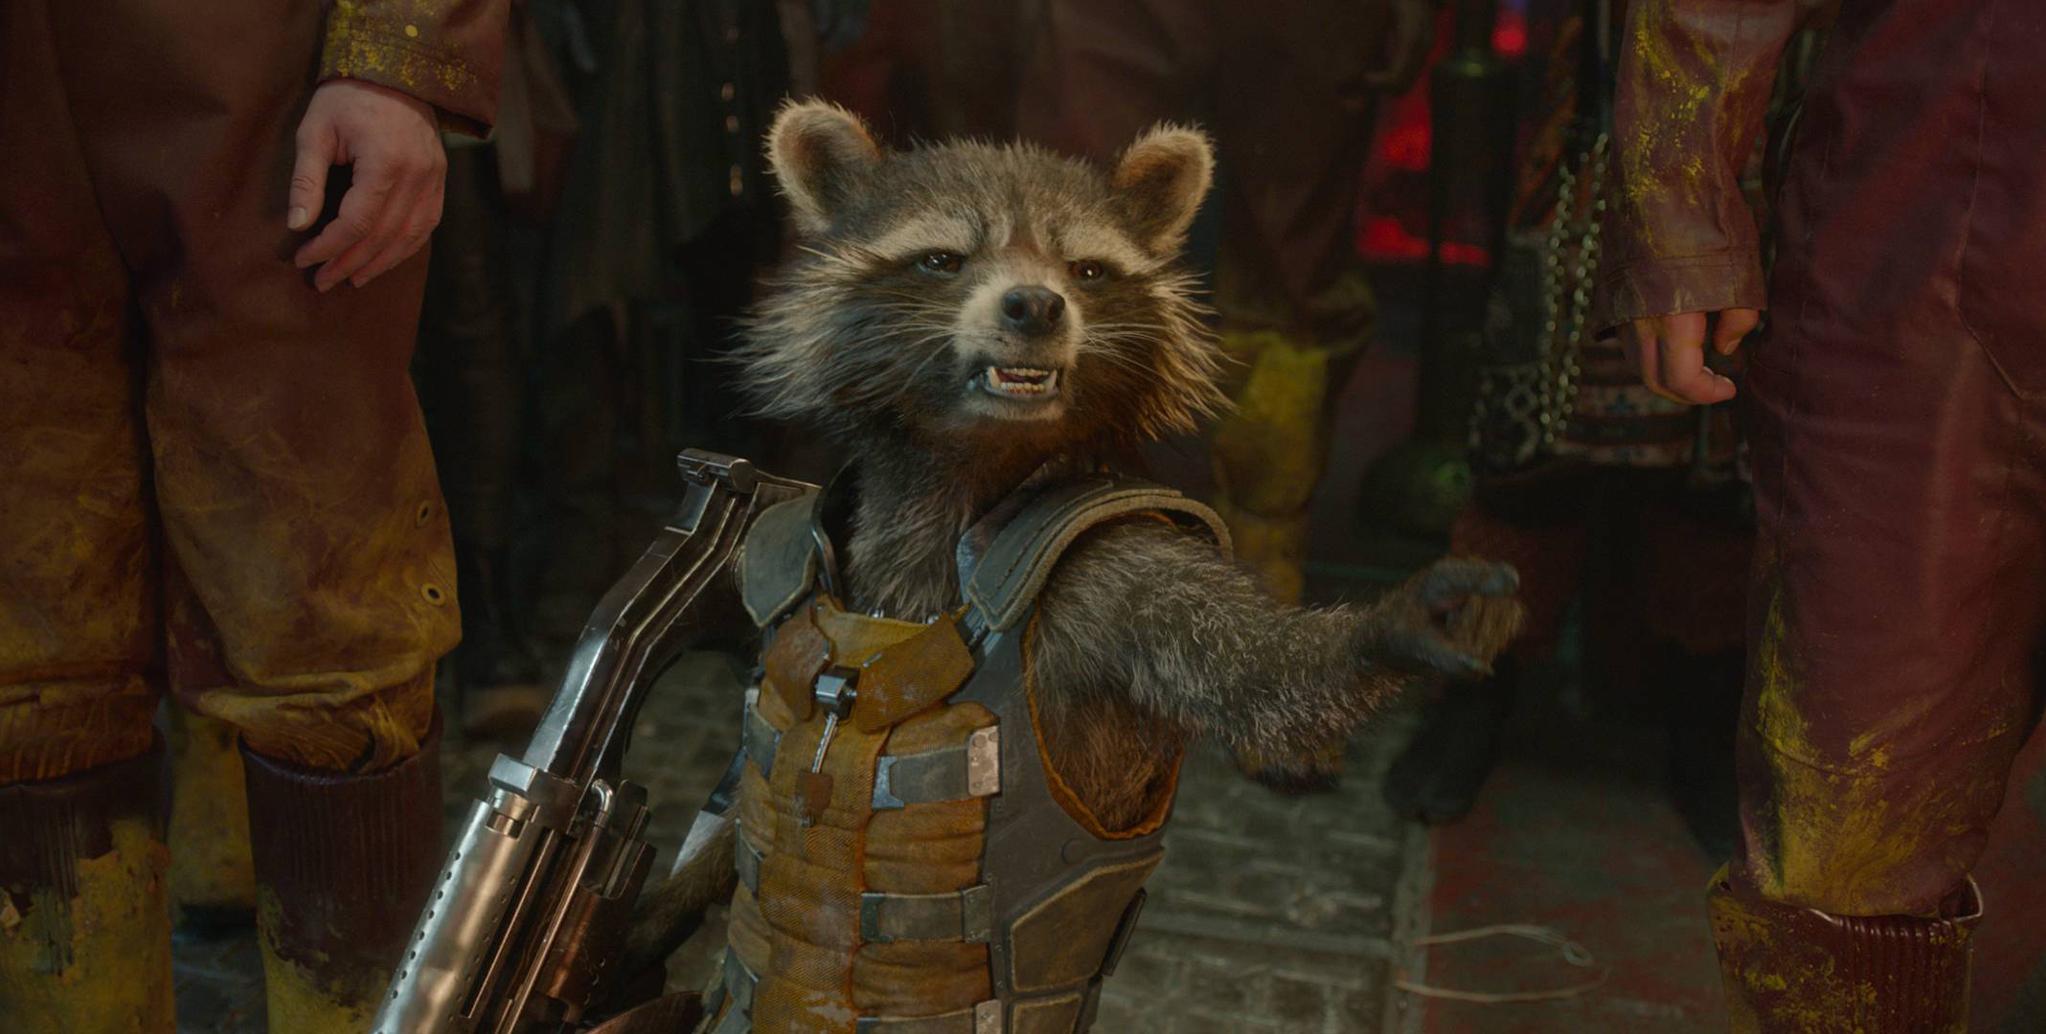 Bradley Cooper's Marvelous Voice acting in Guardians of the Galaxy : ジェームズ・ガン監督のヒーロー映画の大ヒット作「ガーディアンズ・オブ・ザ・ギャラクシー」のブラッドレー・クーパーのマーベルな声優ぶりをご覧ください ! !